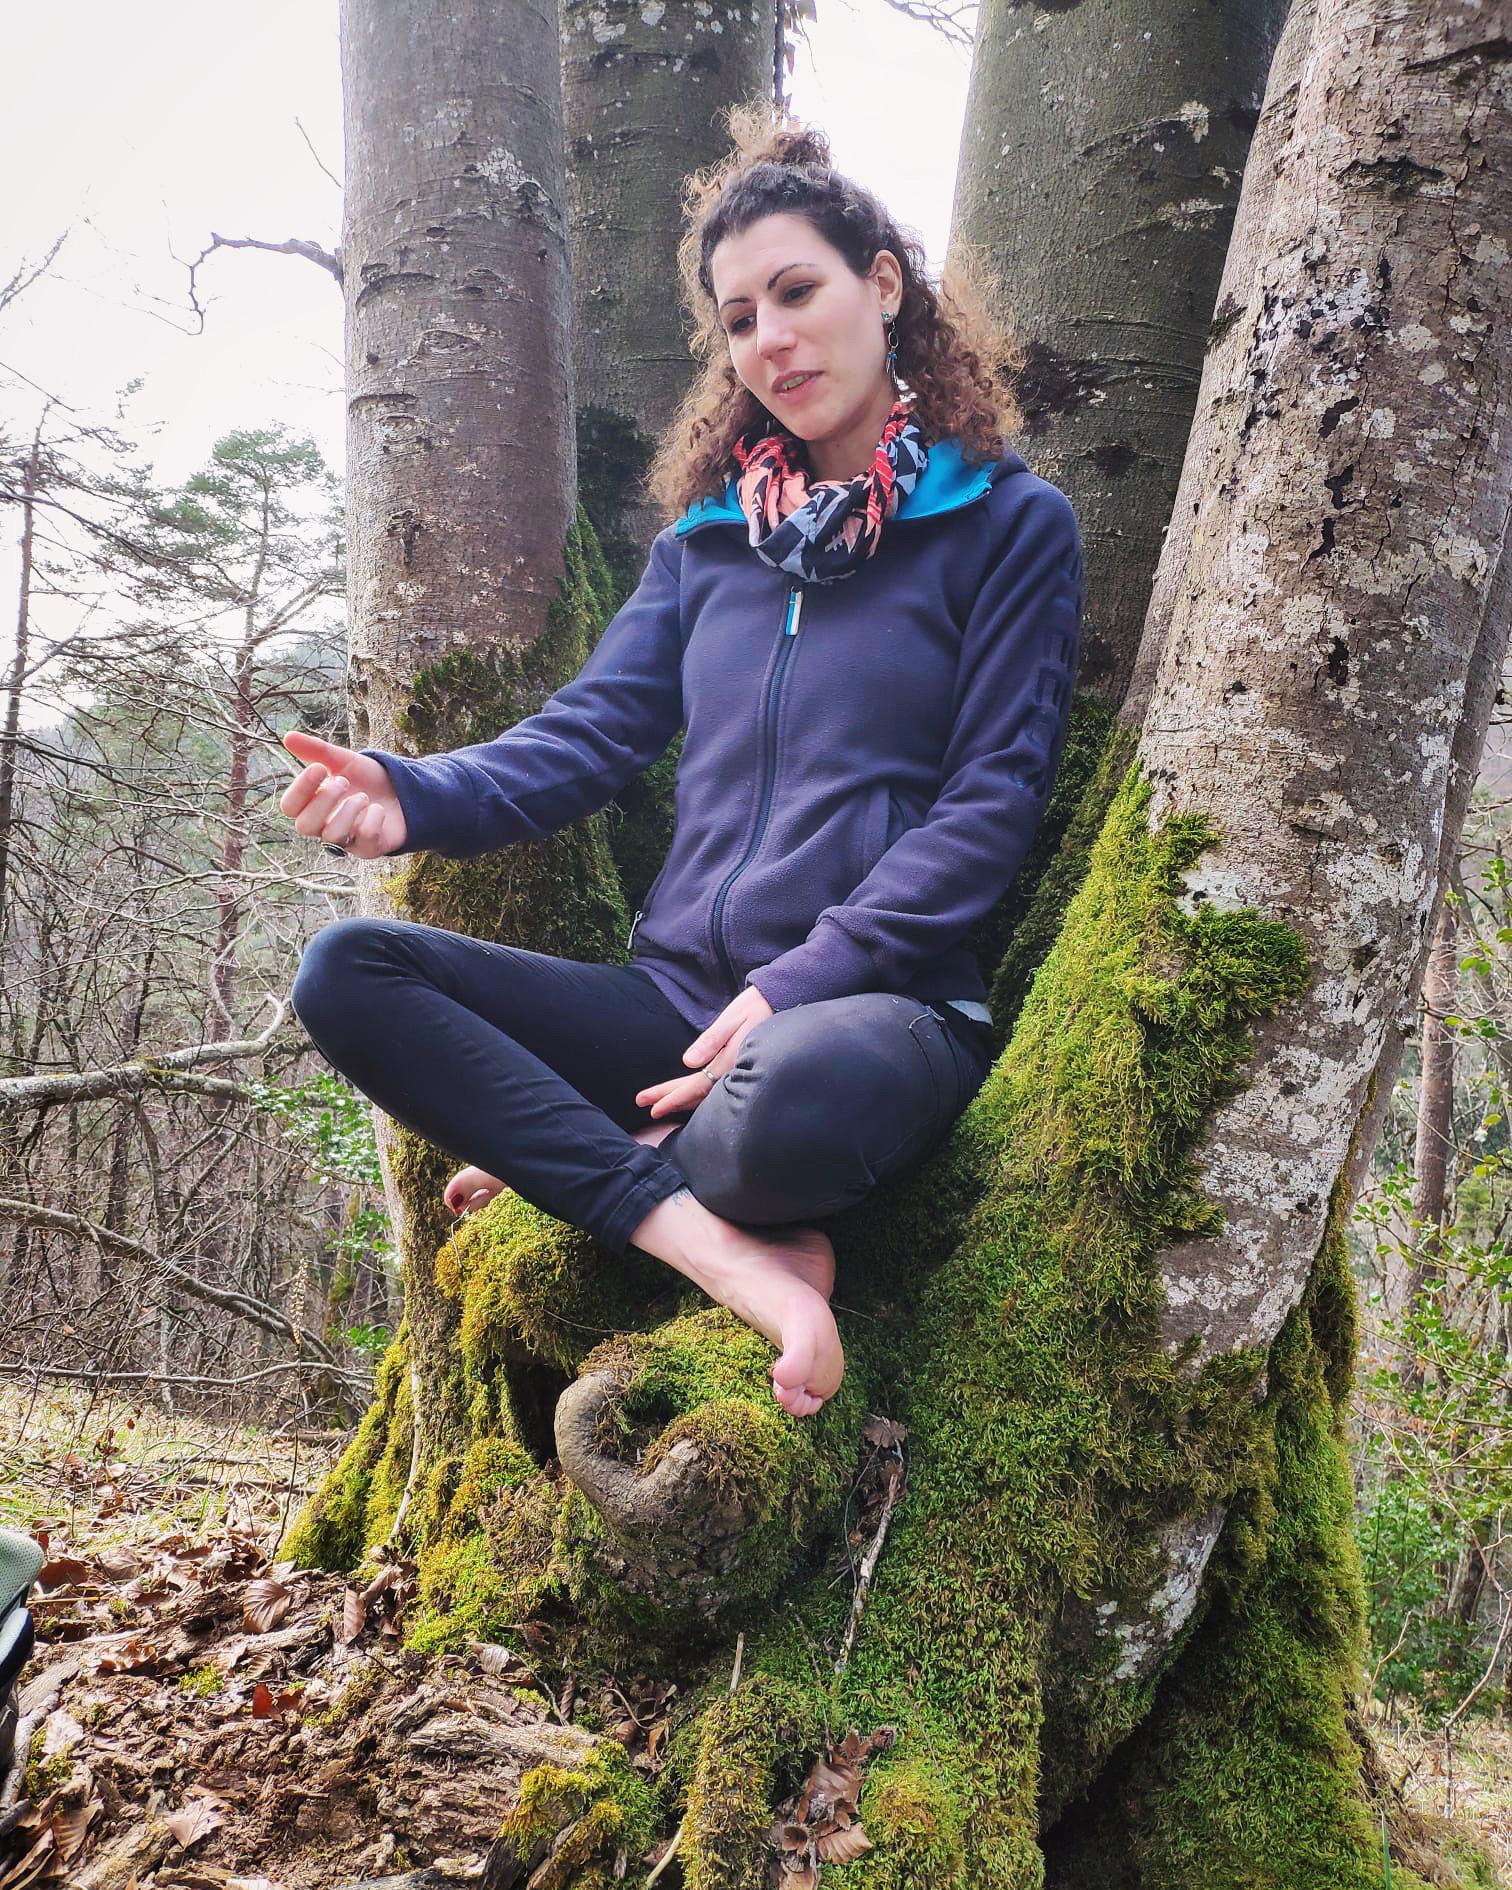 Geschichten erzählen im Wald.